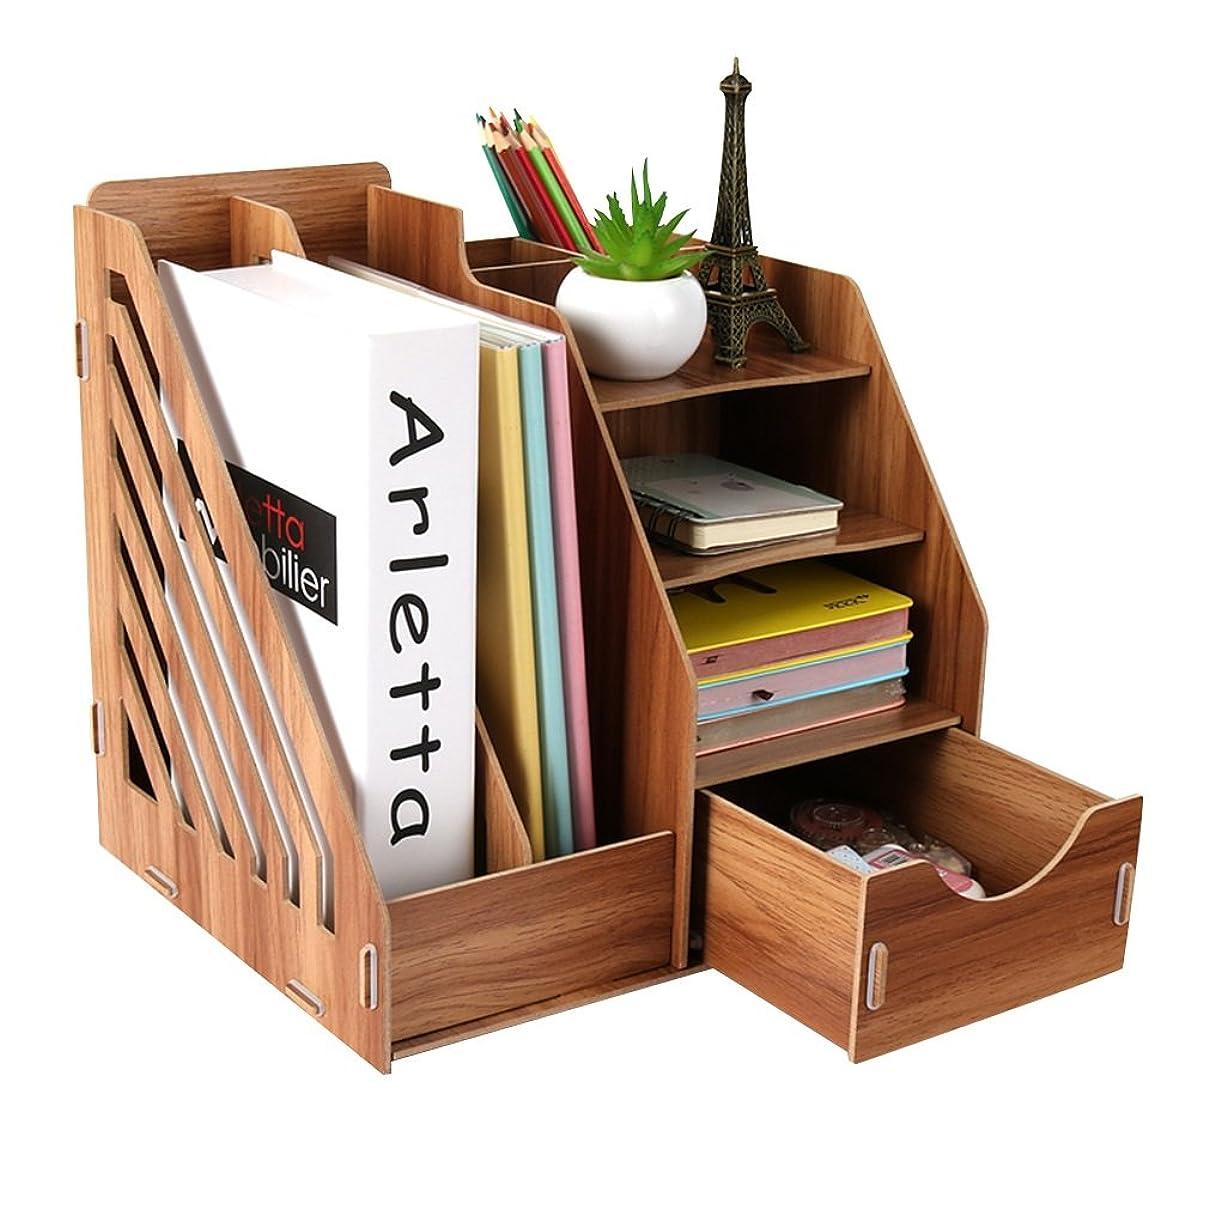 機密クラウンバックQL 本棚 書棚 - 事務用品引き出し付き収納ボックス、学生用机棚、フォルダー収納、経済的な家具 収納棚 (Color : A)